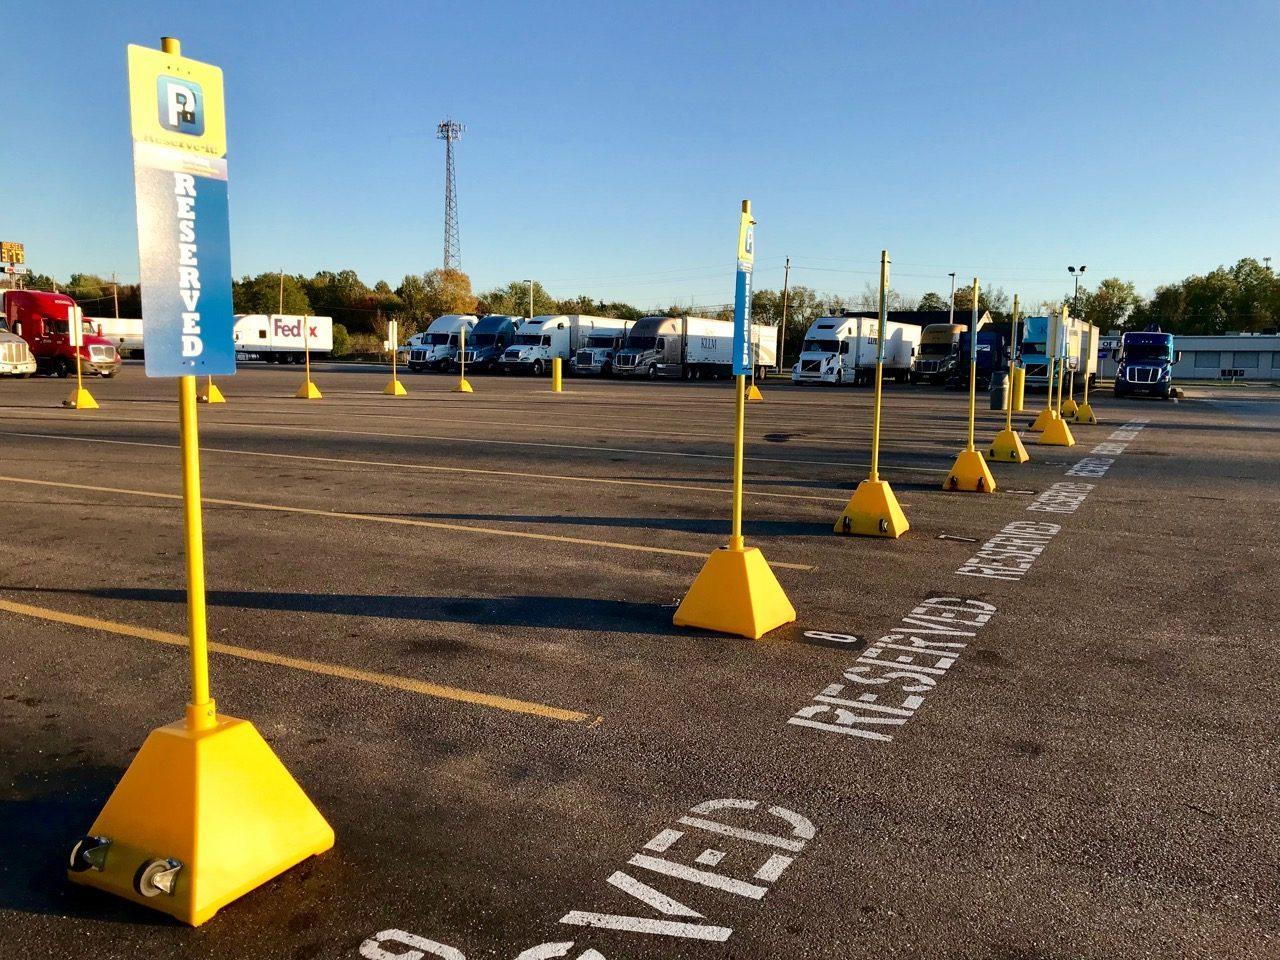 Nyt dansk parkeringsselskab er markedets billigste